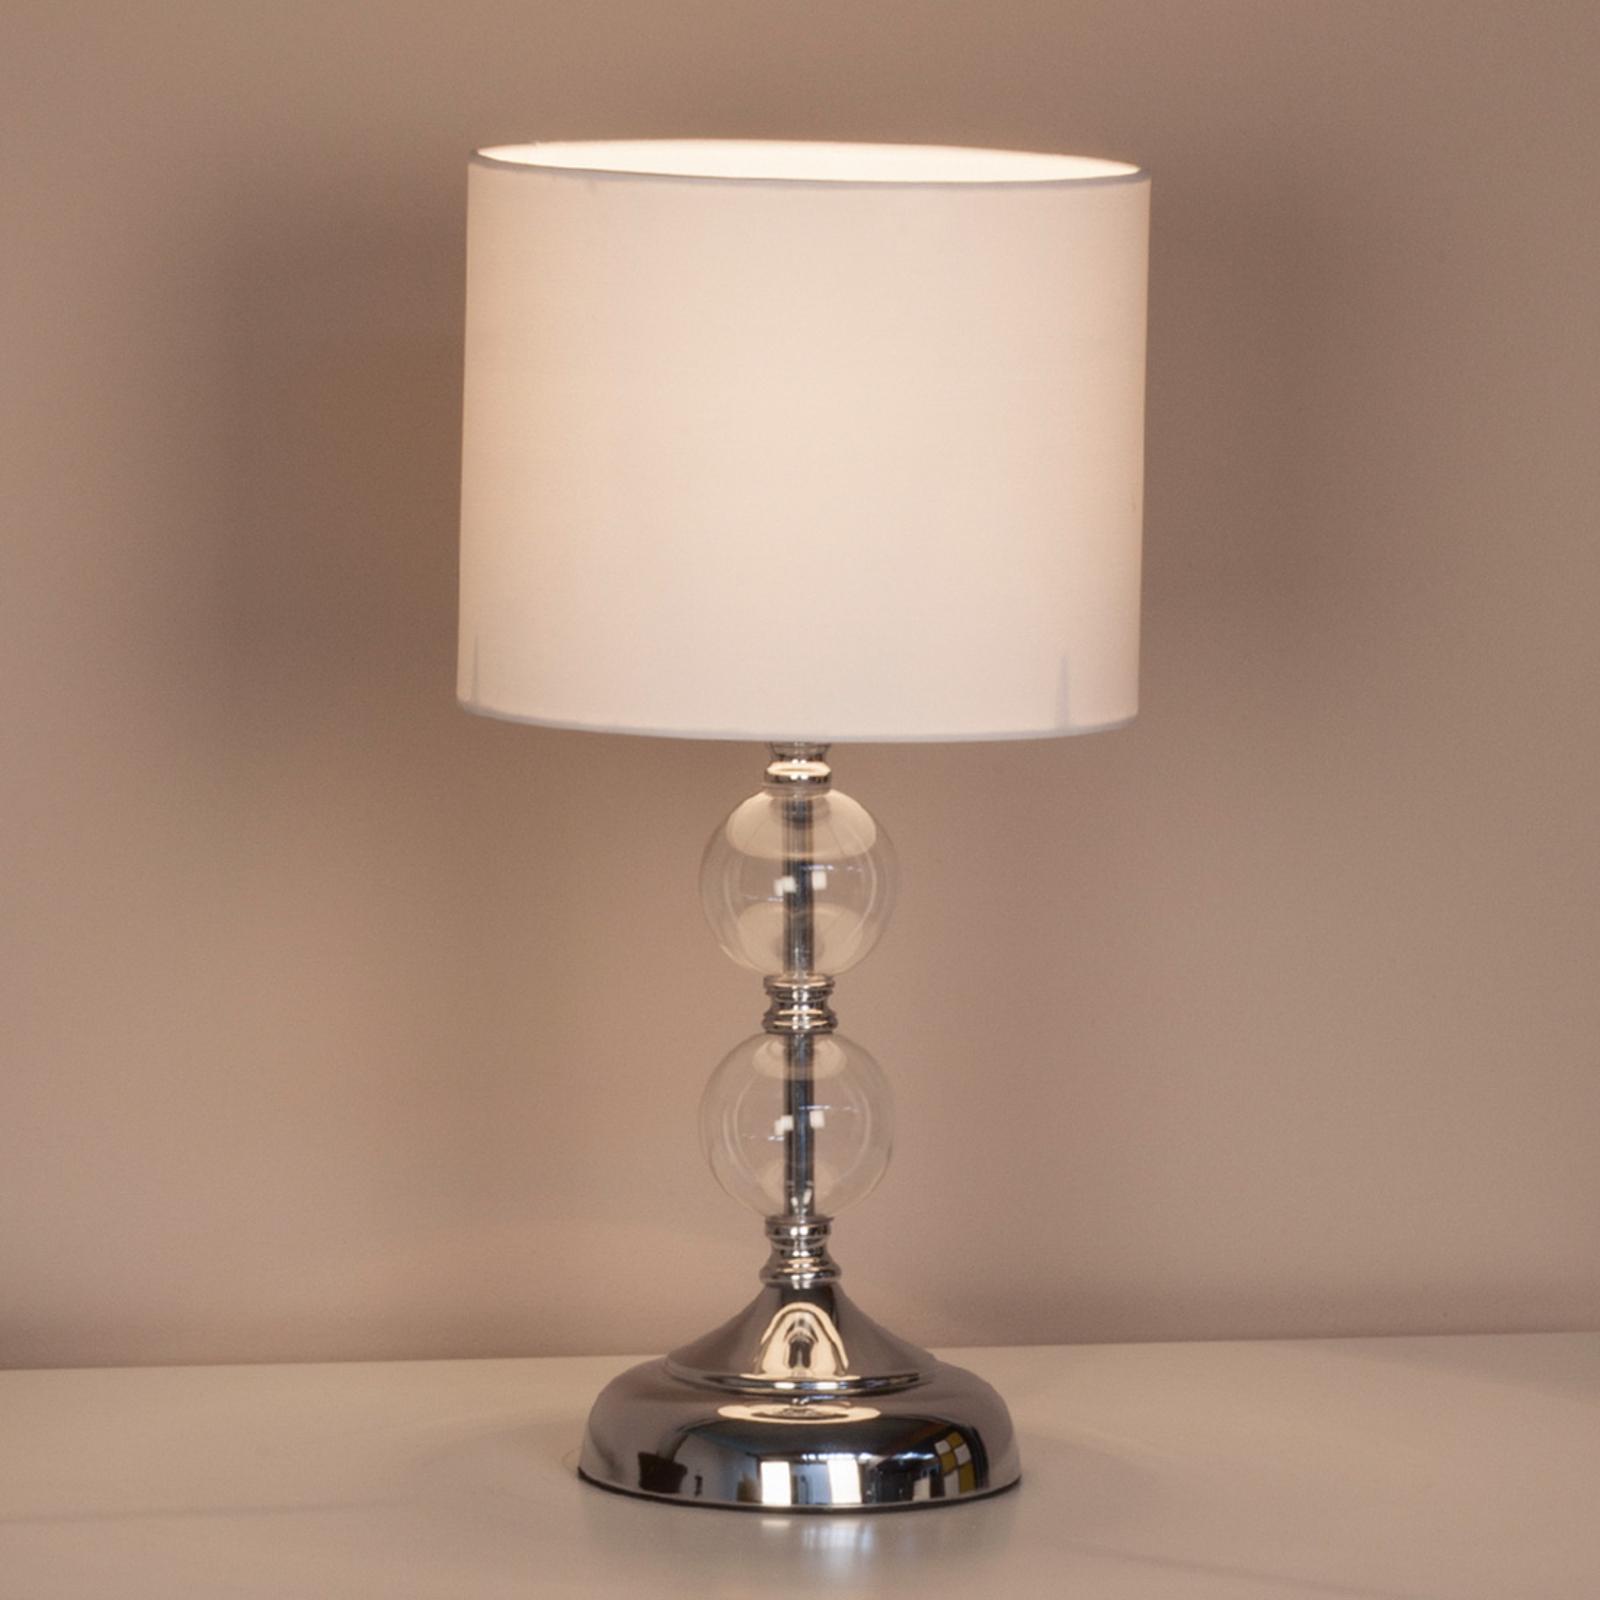 Dekorativ bordslampa Rom med textilskärm